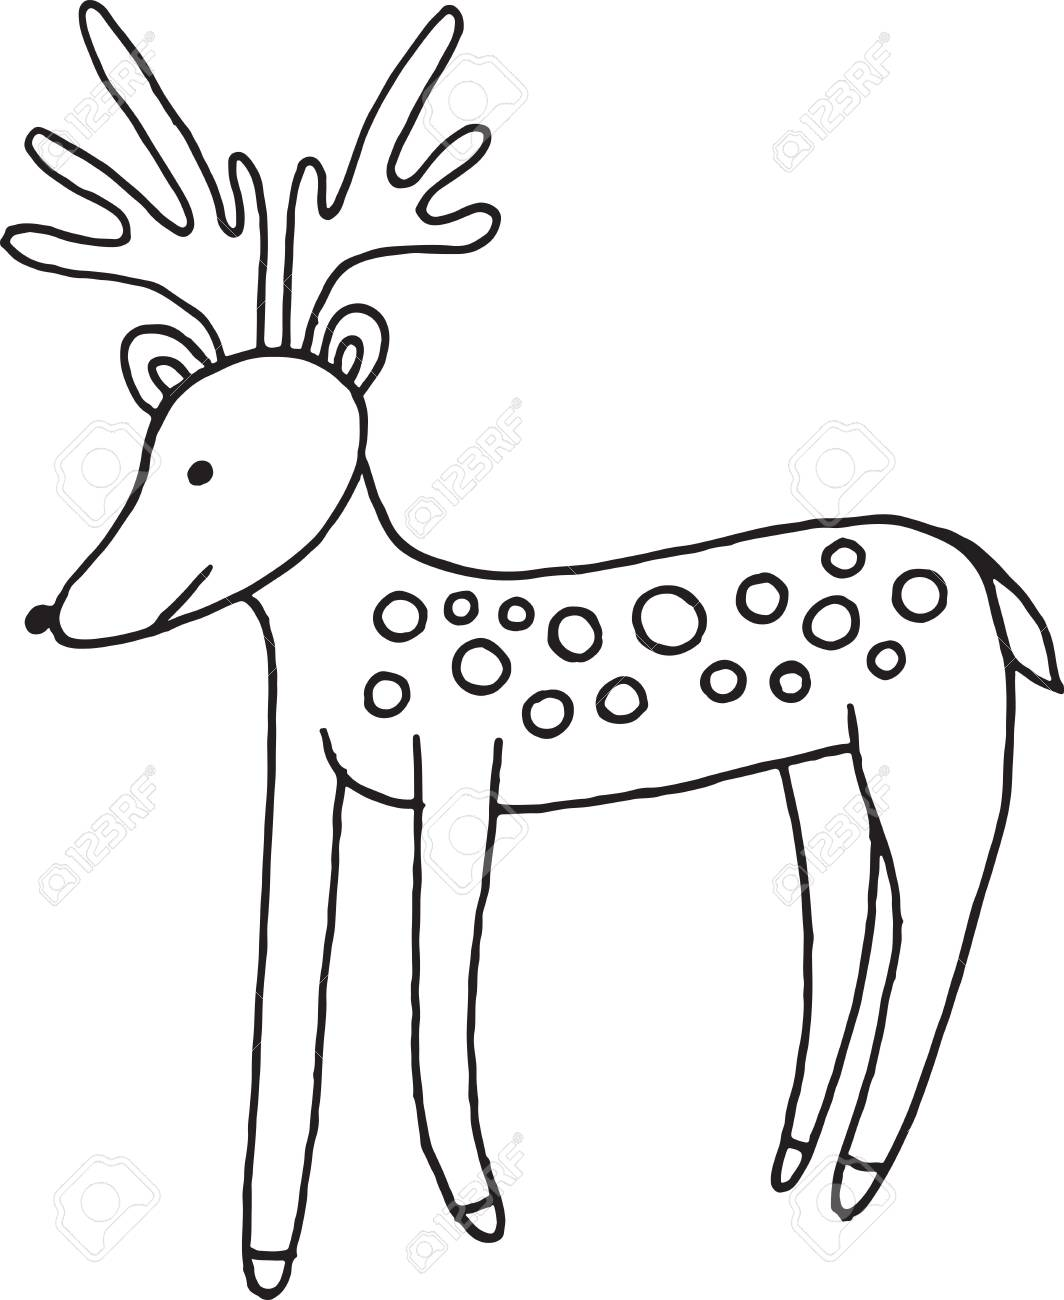 森林動物の鹿落書き漫画のシンプルなイラスト。描画スタイル ページを